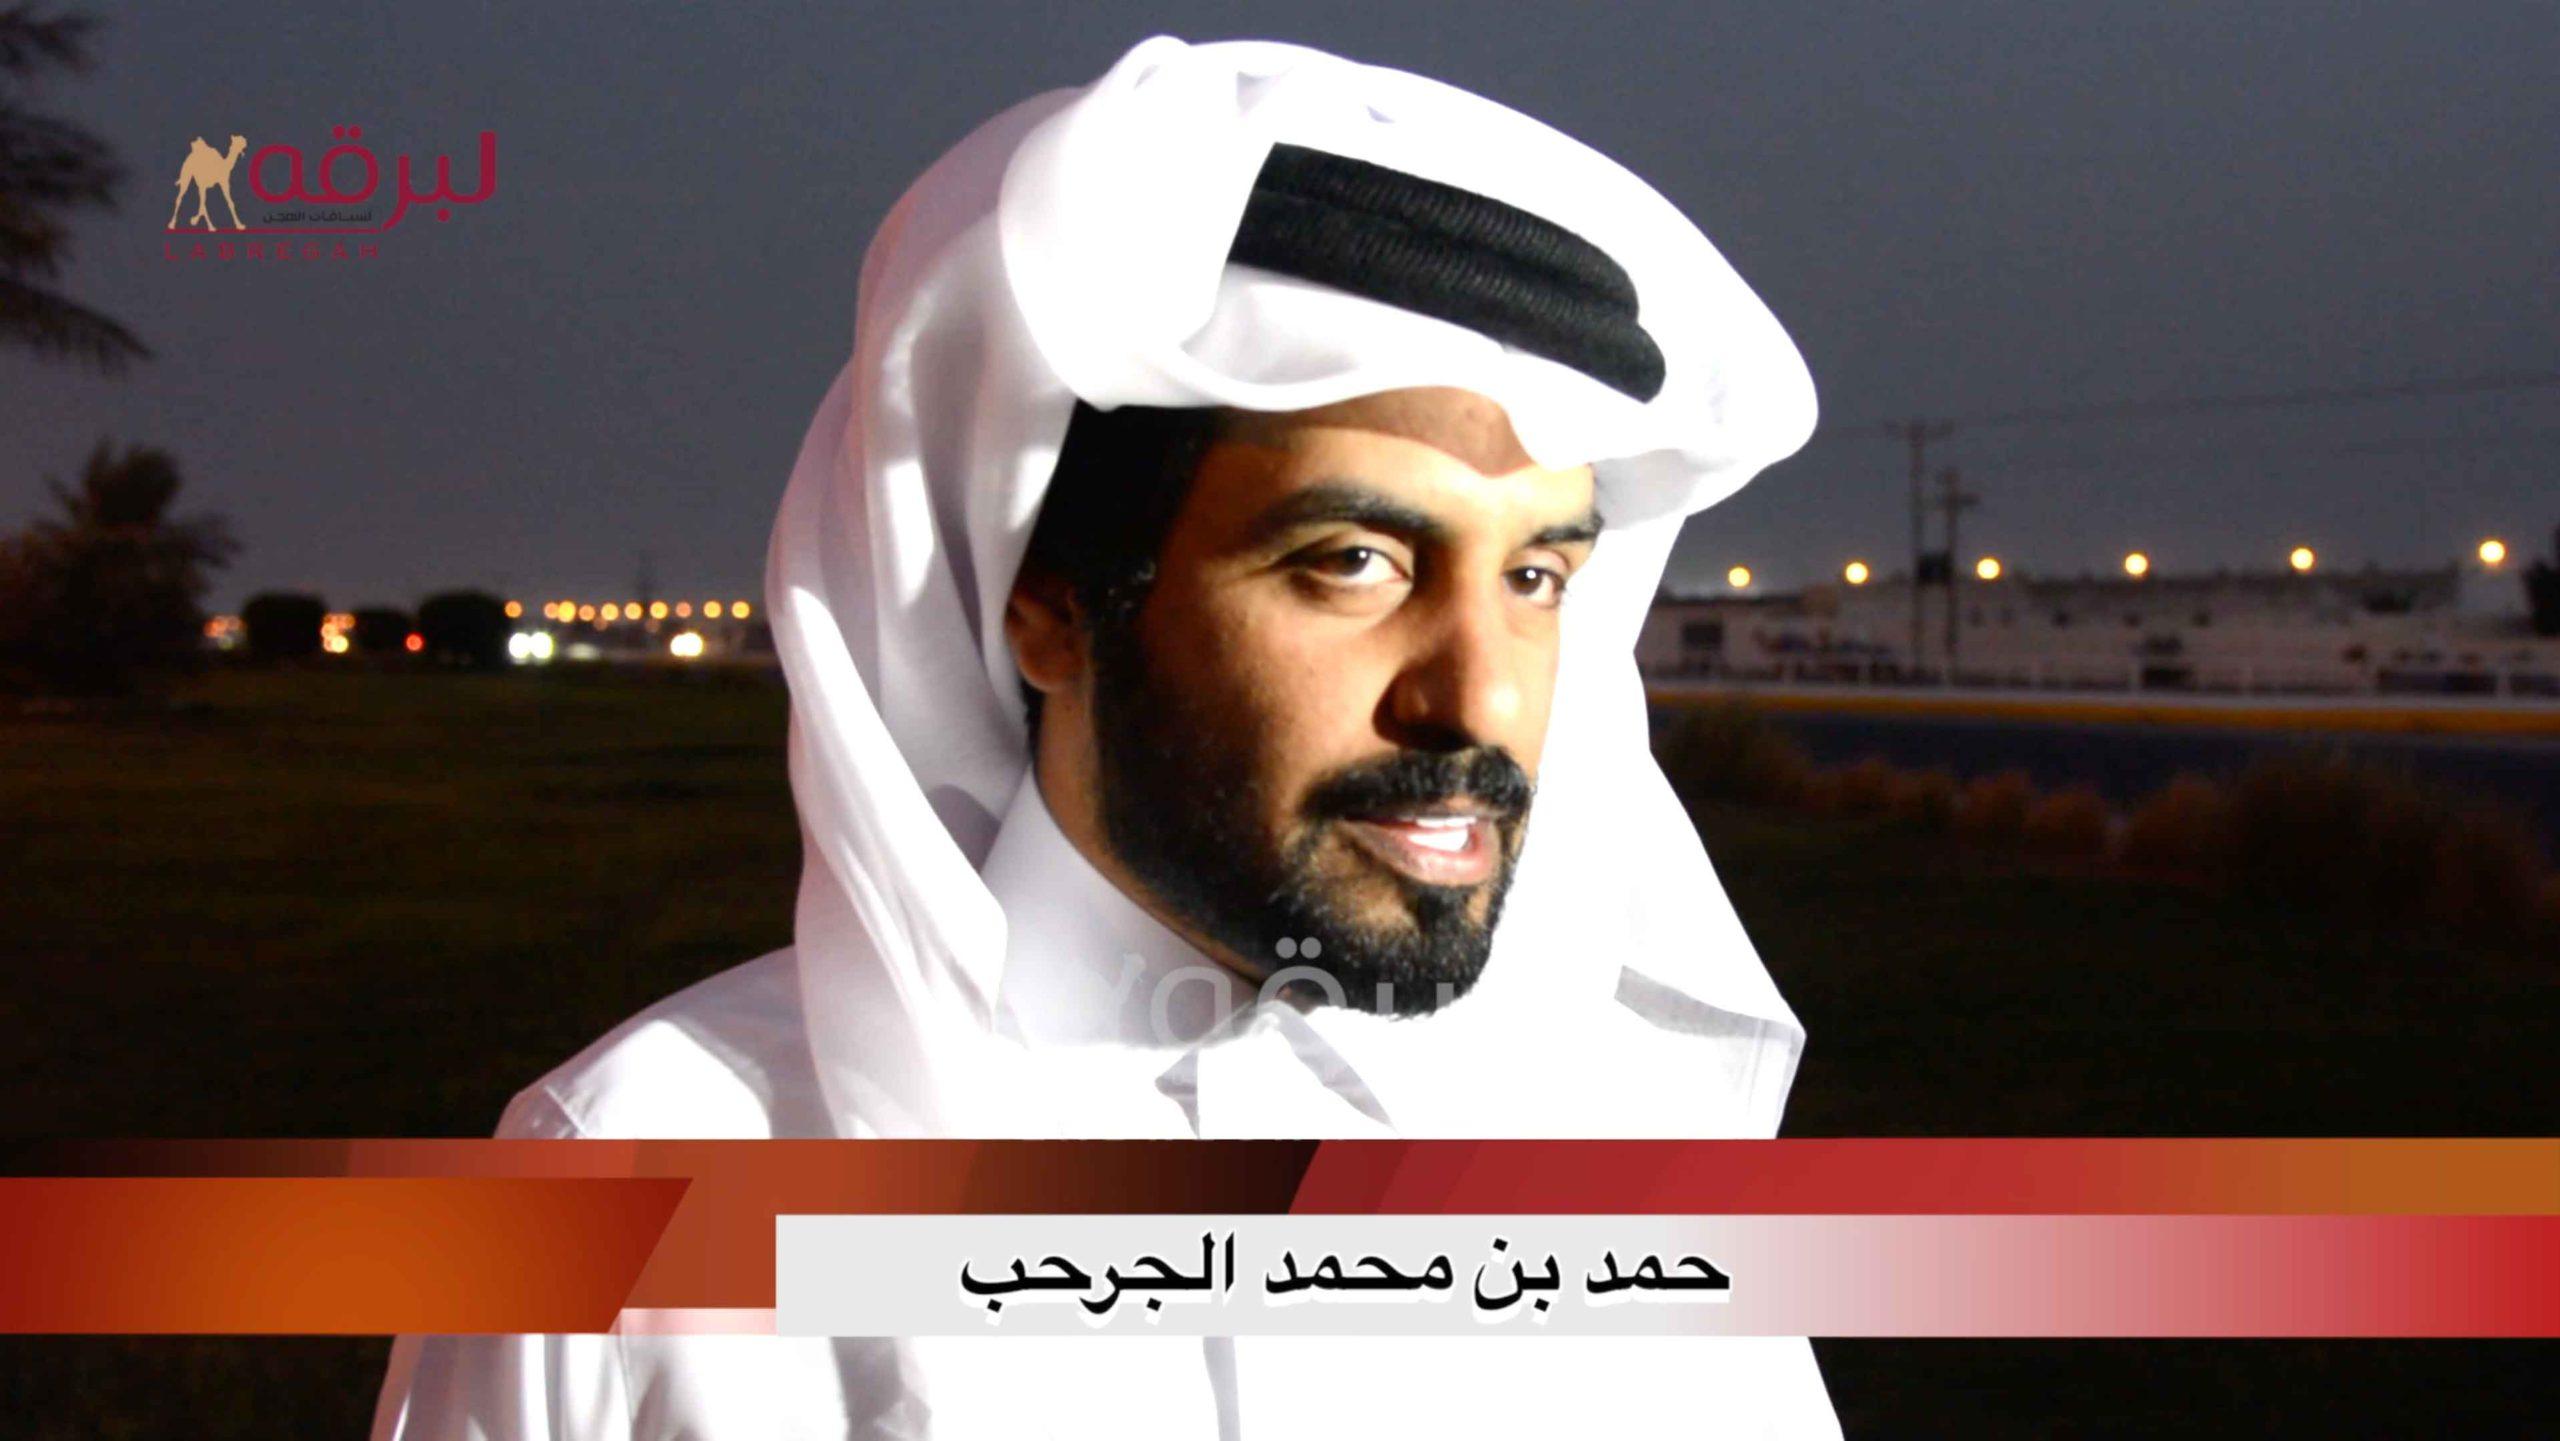 لقاء مع حمد بن محمد الجرحب.. الشوط الرئيسي للحقايق بكار إنتاج الأشواط المفتوحة ٧-١٠-٢٠٢٠